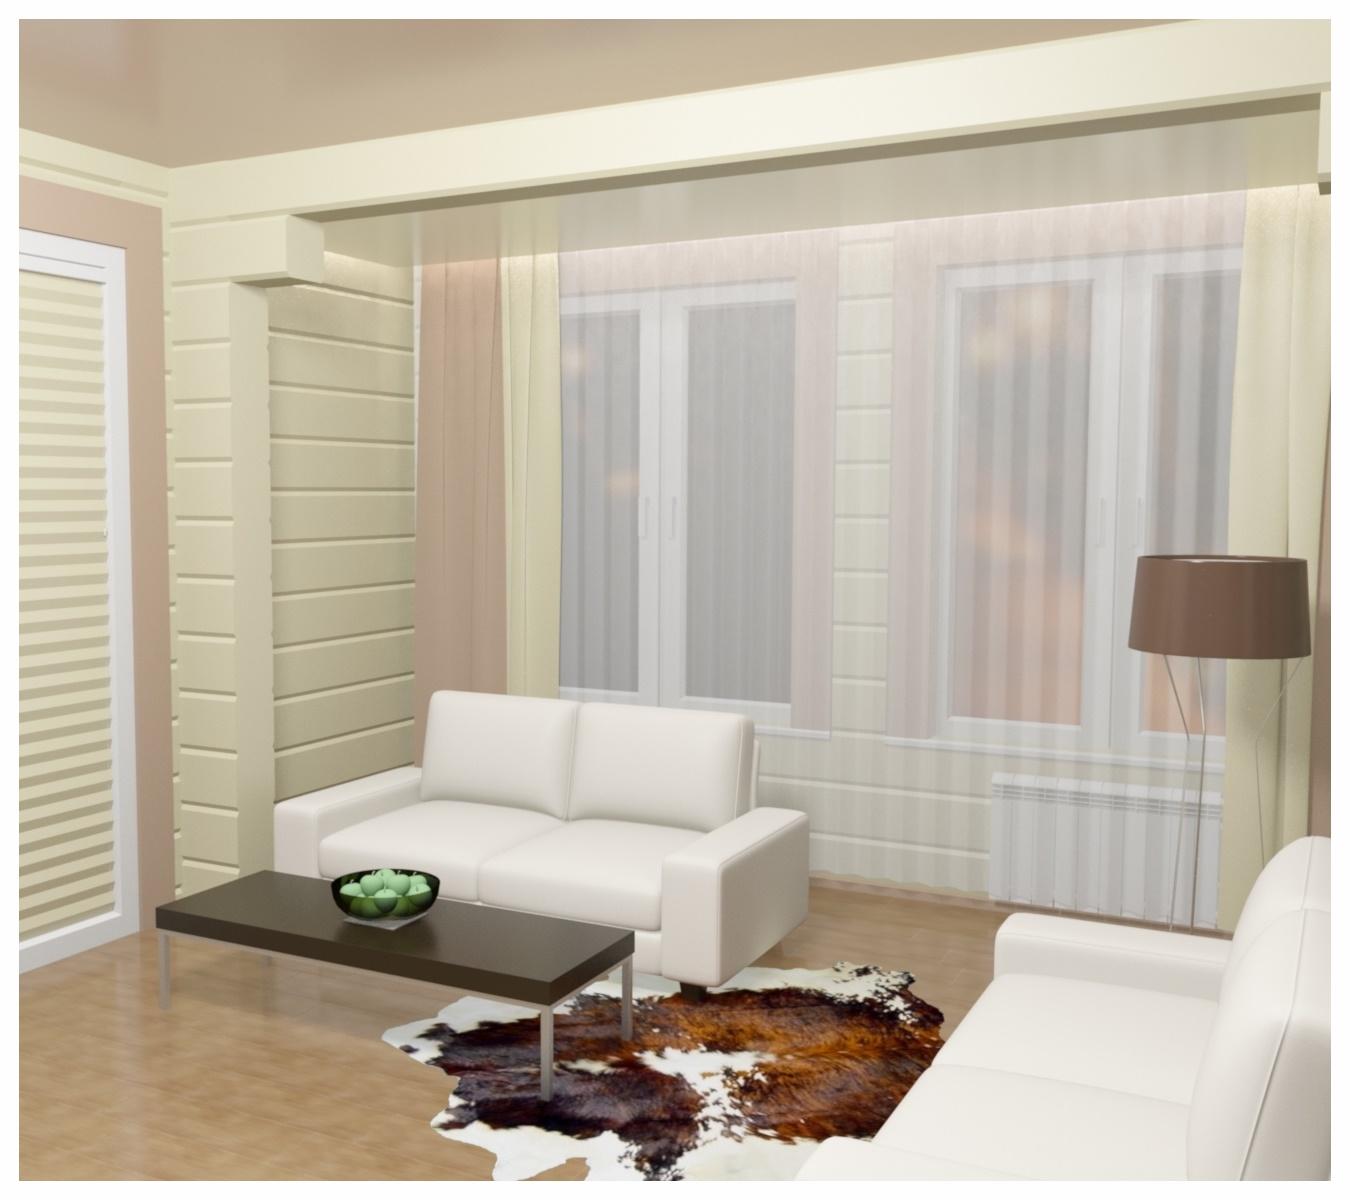 Дизайн интерьеров в коттедже из бруса по договору на дизайн проект. Вид на диваны.